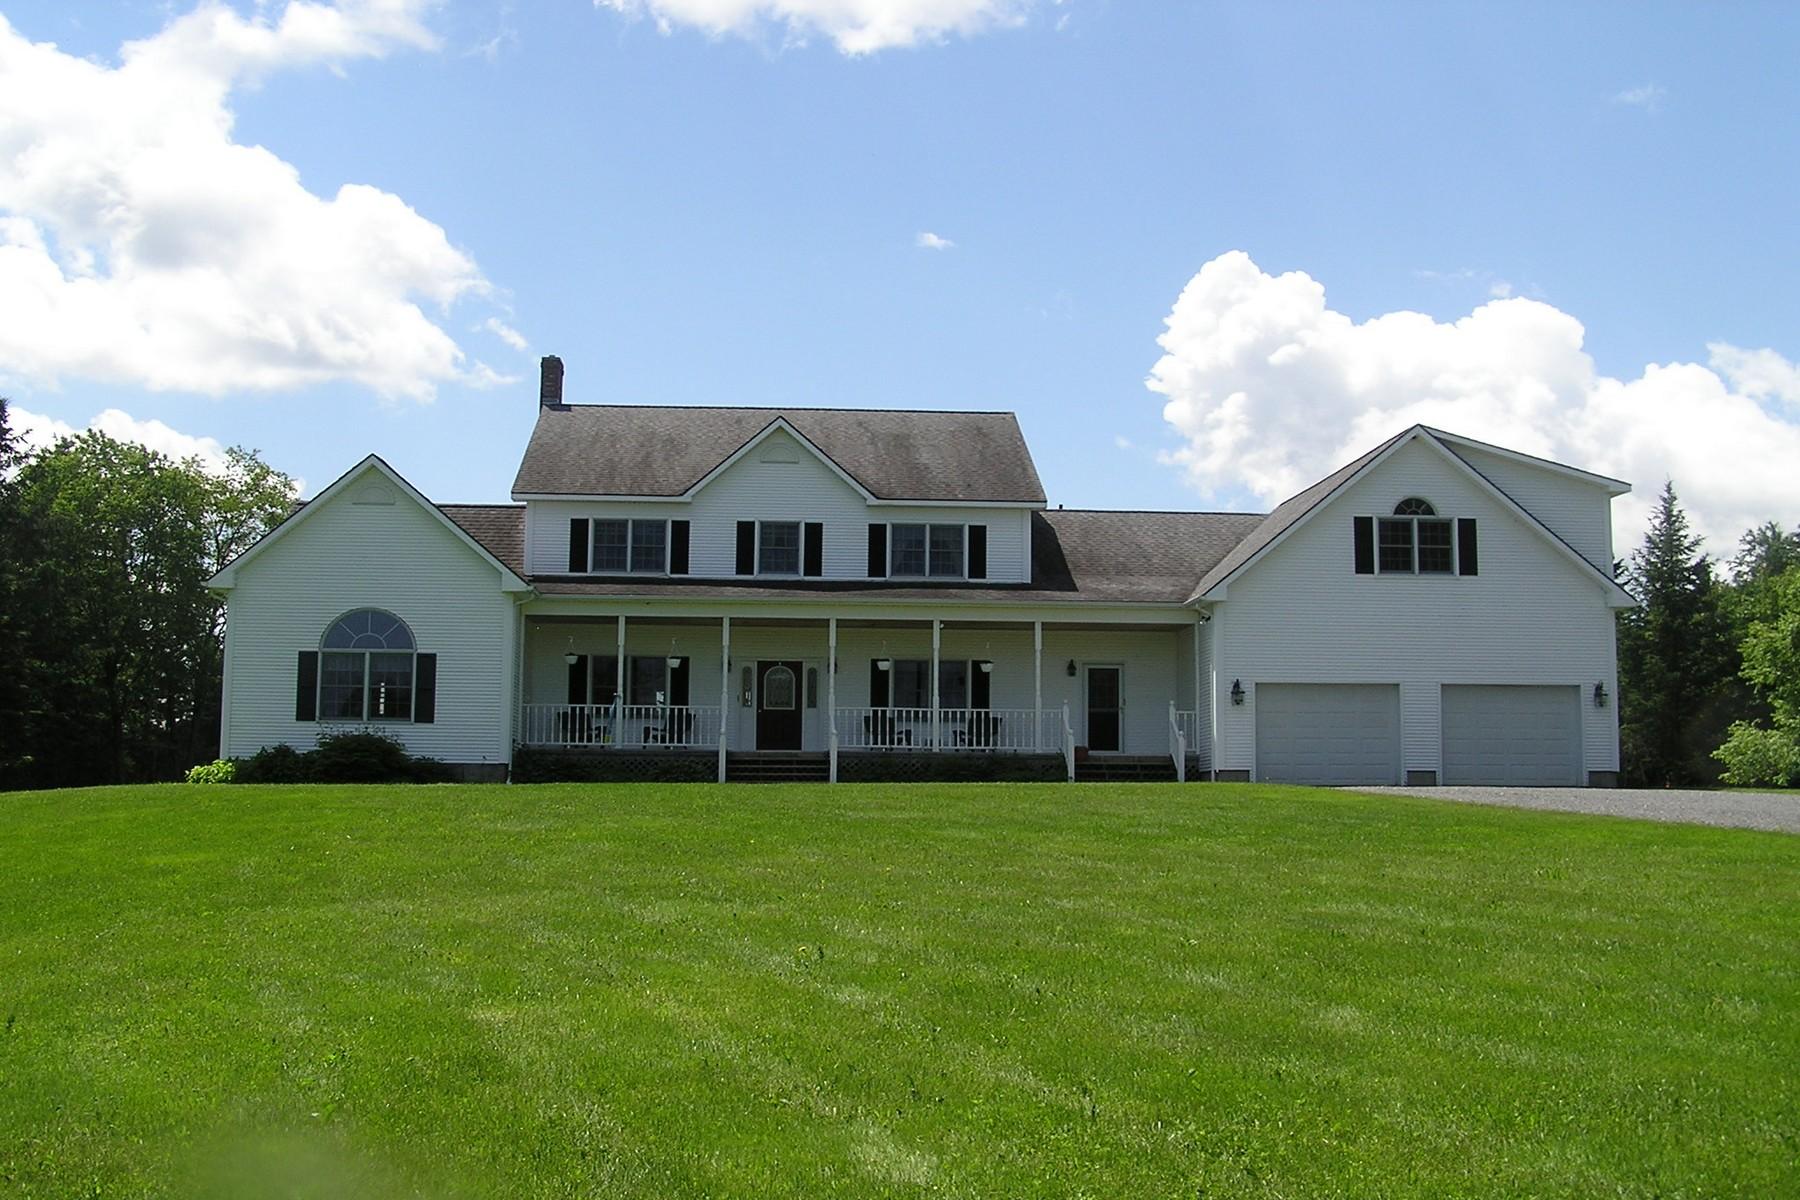 Casa Unifamiliar por un Venta en 884 Taylor Road, Greensboro 884 Taylor Rd Greensboro, Vermont 05841 Estados Unidos